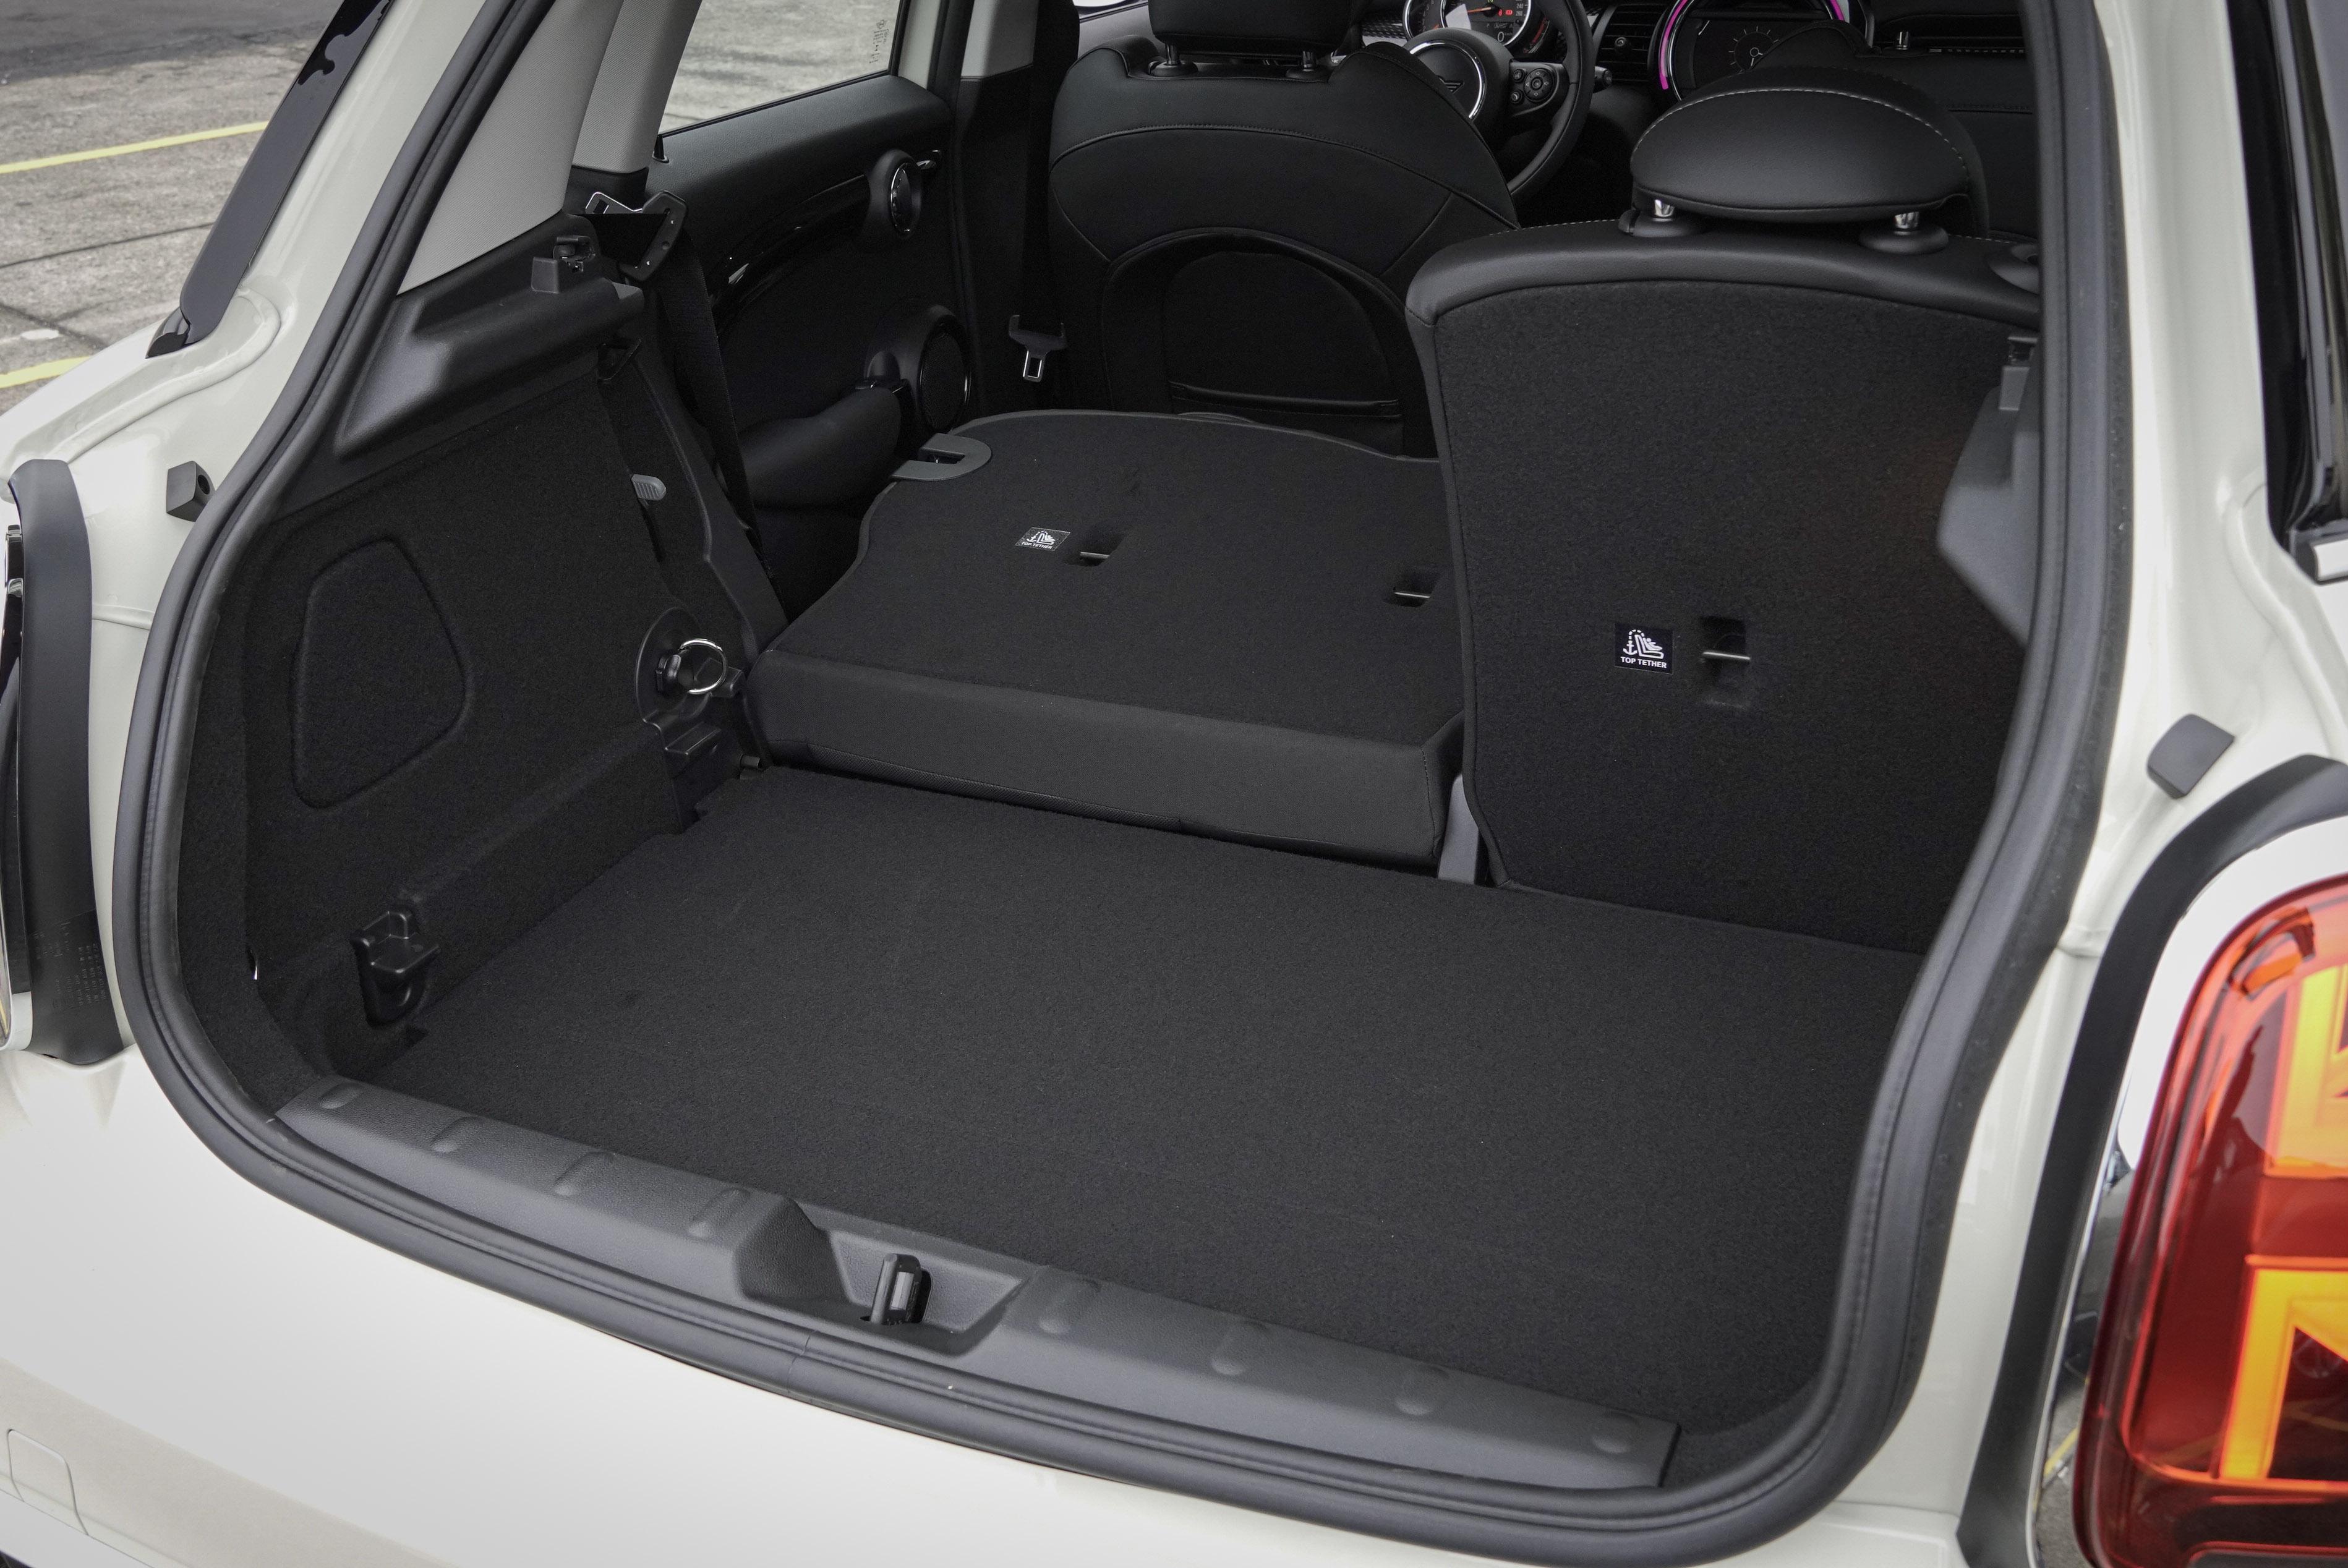 行李廂提供 6/4 椅背傾倒,容積從 278 L 提升至 941 L。